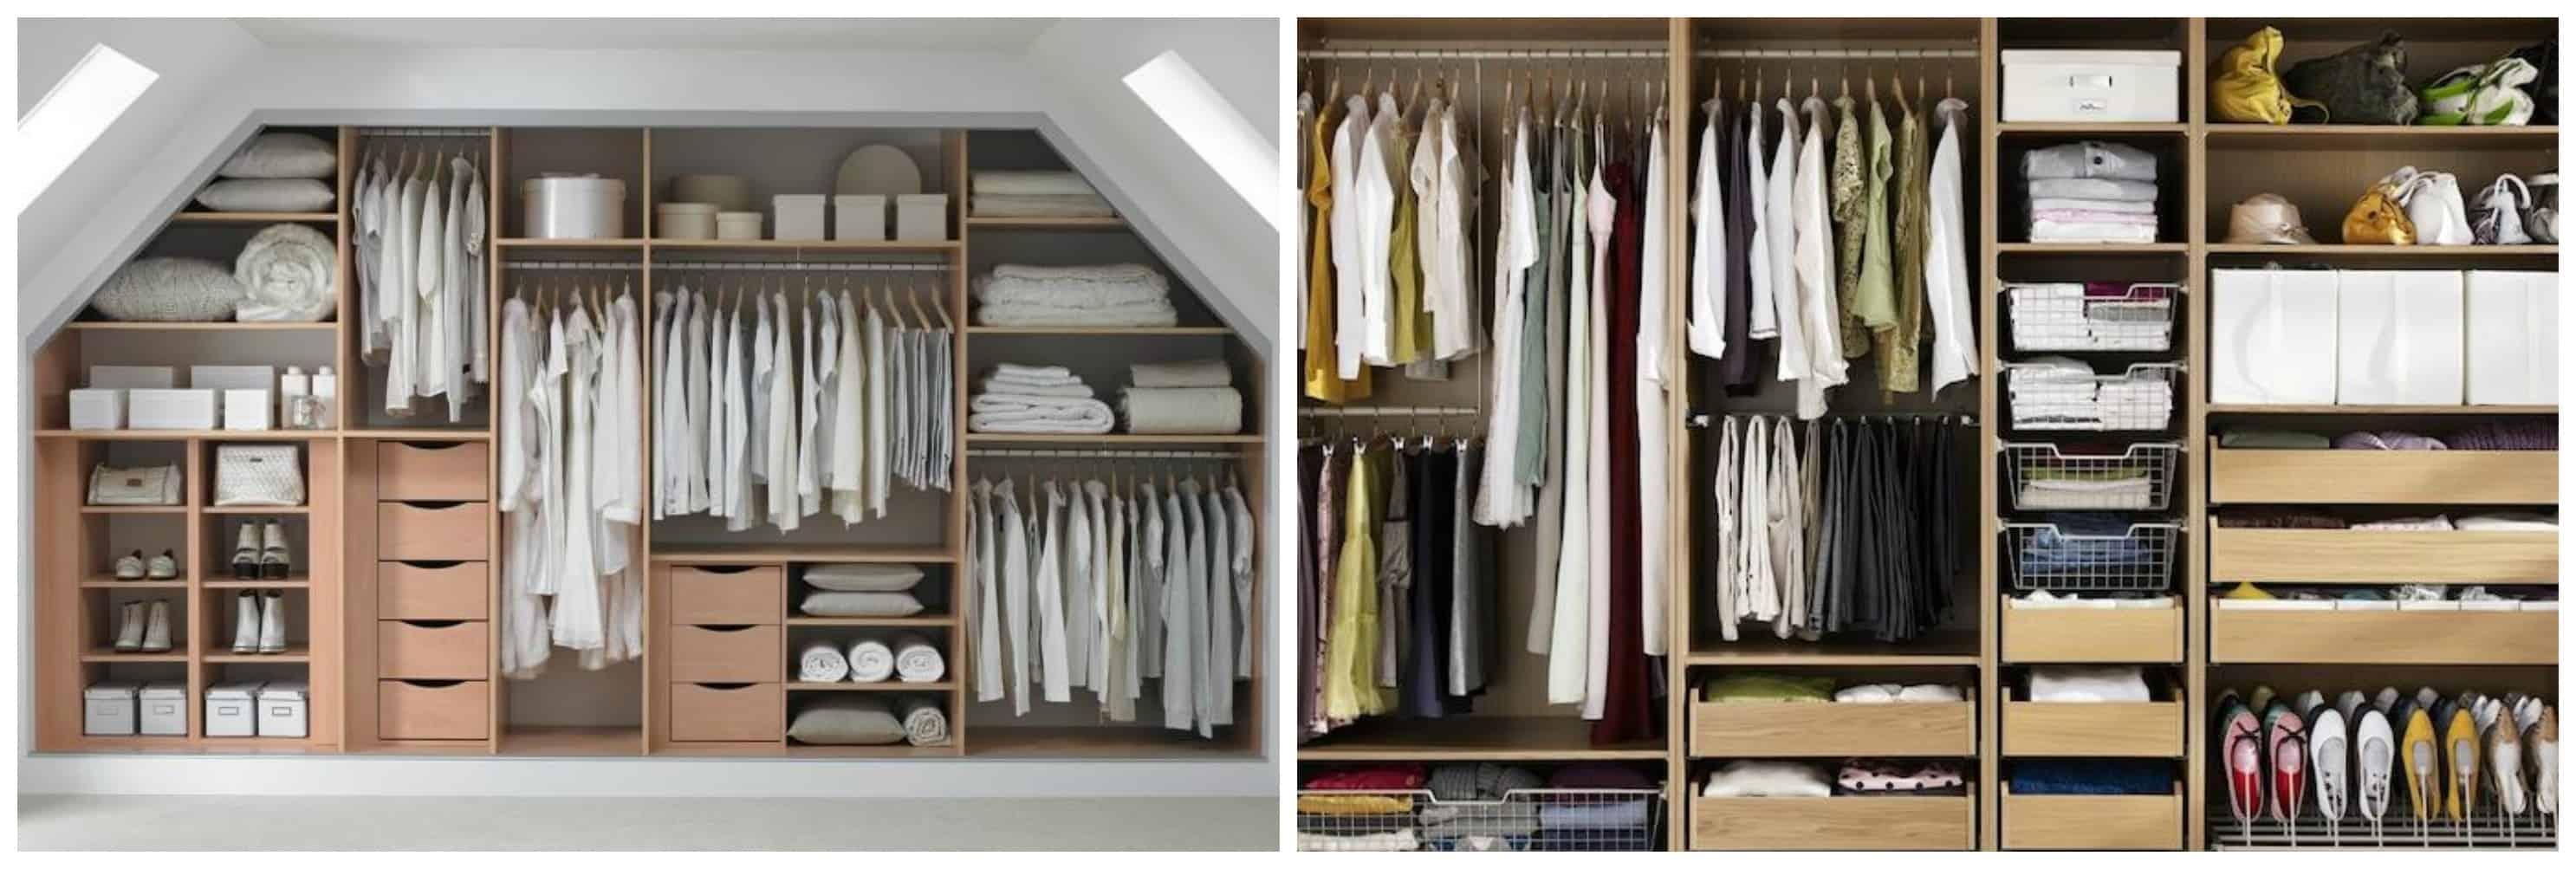 Come realizzare la cabina armadio perfetta con il design - Portacravatte per armadi ...